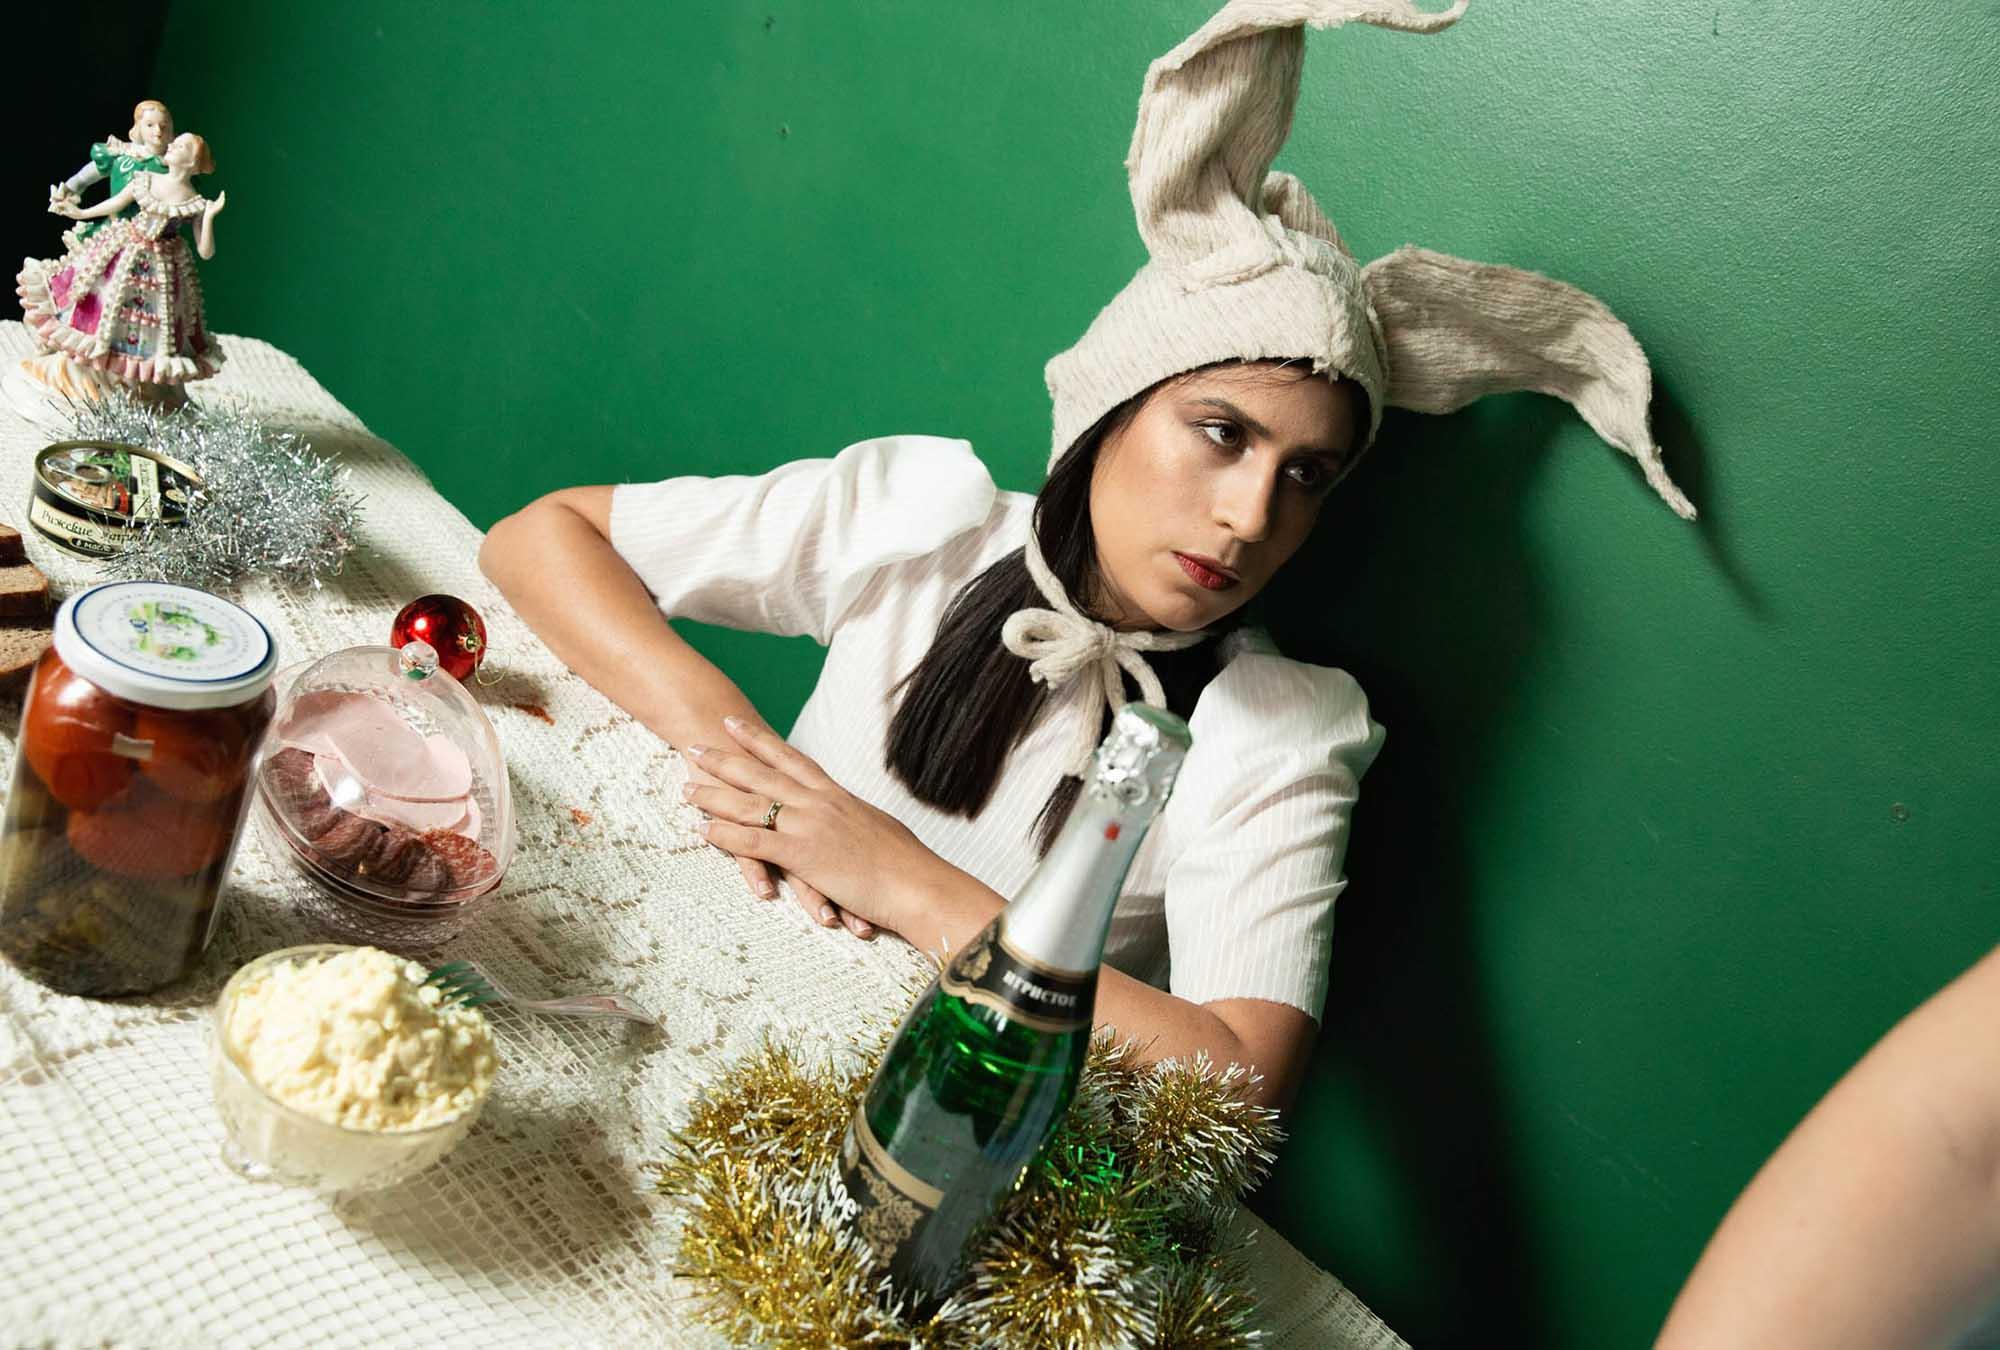 מגזין אופנה, נובי גוד, הפקות אופנה: צילום: הגר בדר, שמלות: רוני וילוז'ני, איפור: דנה ברכה, ארט: אלבינה צי'יז'יק, ציפורניים: מיכל בן יעקוב, תכשיטים: ilona rubin, לוקיישן: ״אינתא״